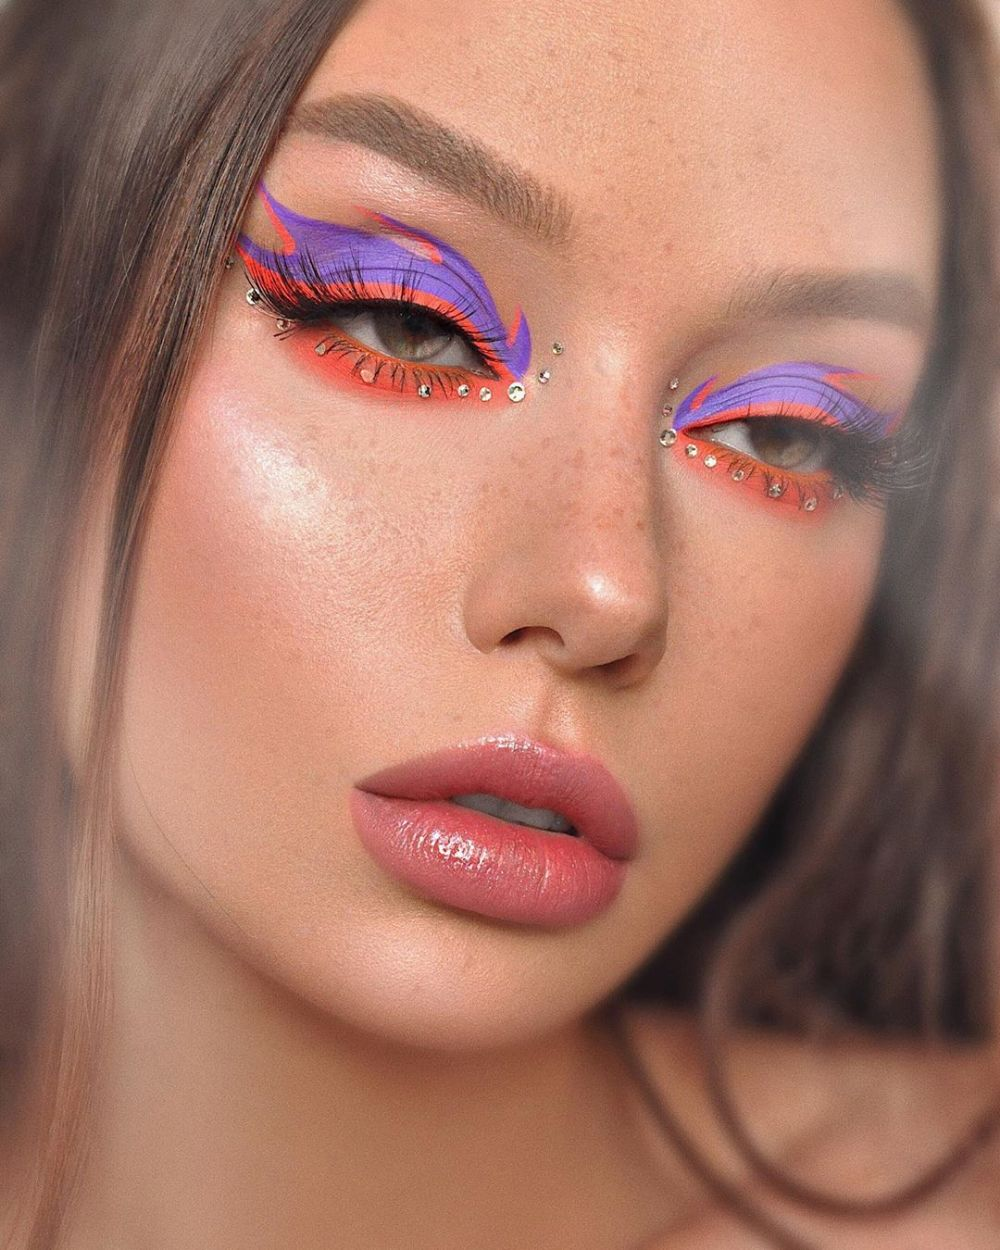 Maquillaje con flamas para una mirada más ardiente